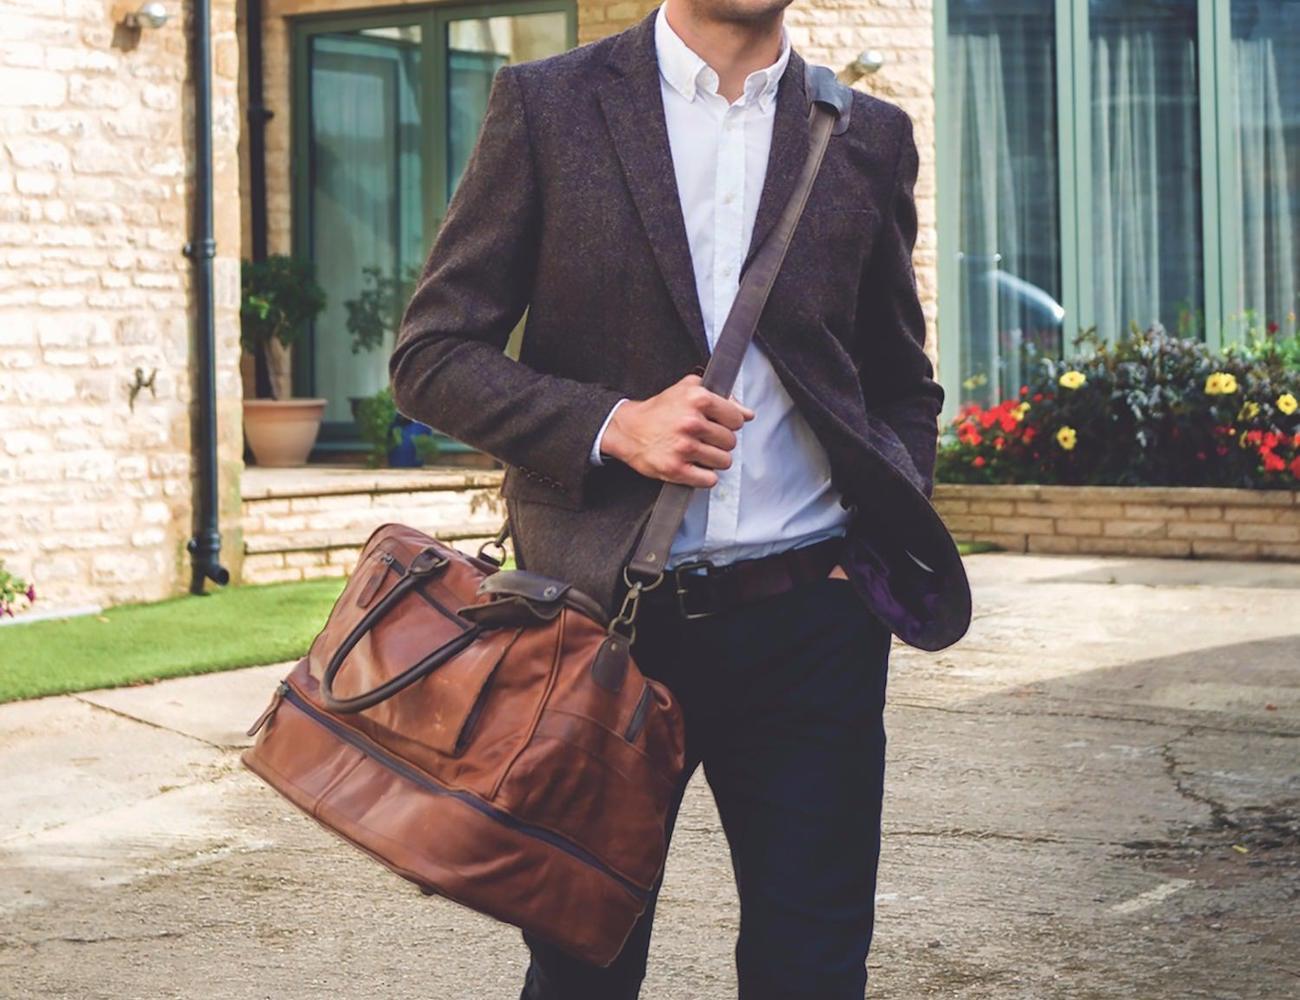 MAHI+Leather+Raleigh+Travel+Holdall+Bag